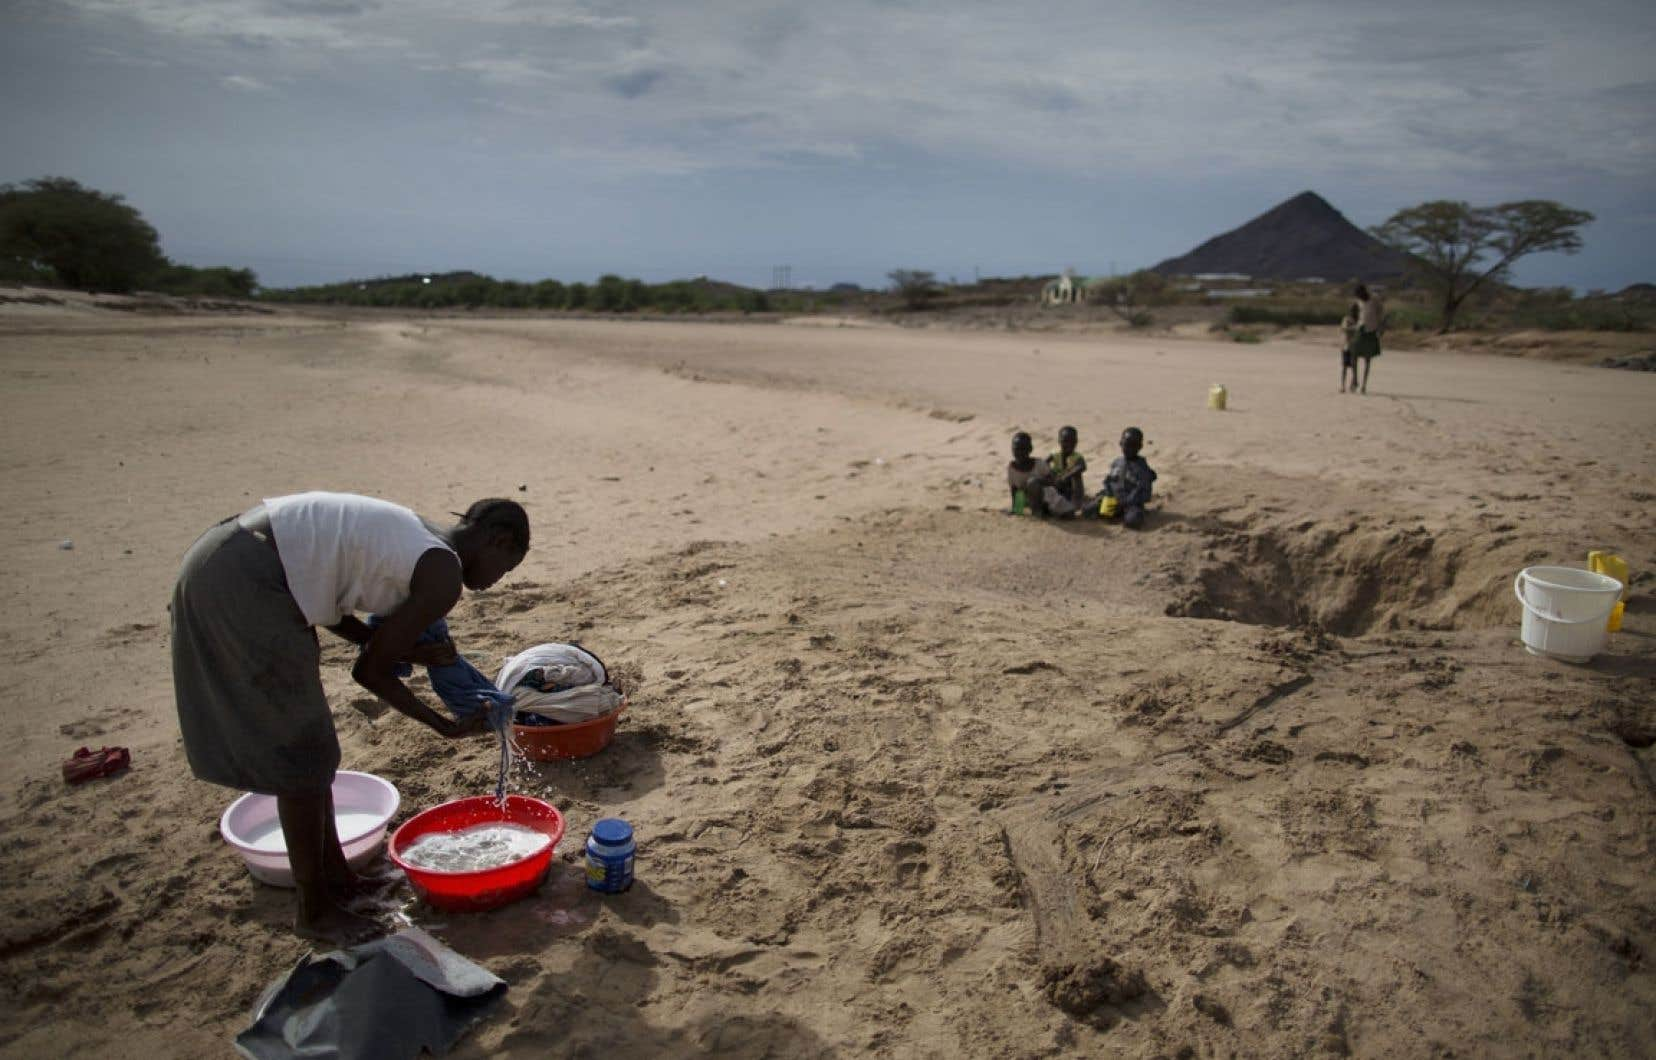 Le GIEC craint en outre une réduction significative des eaux de surface et souterraines dans plusieurs régions du monde.